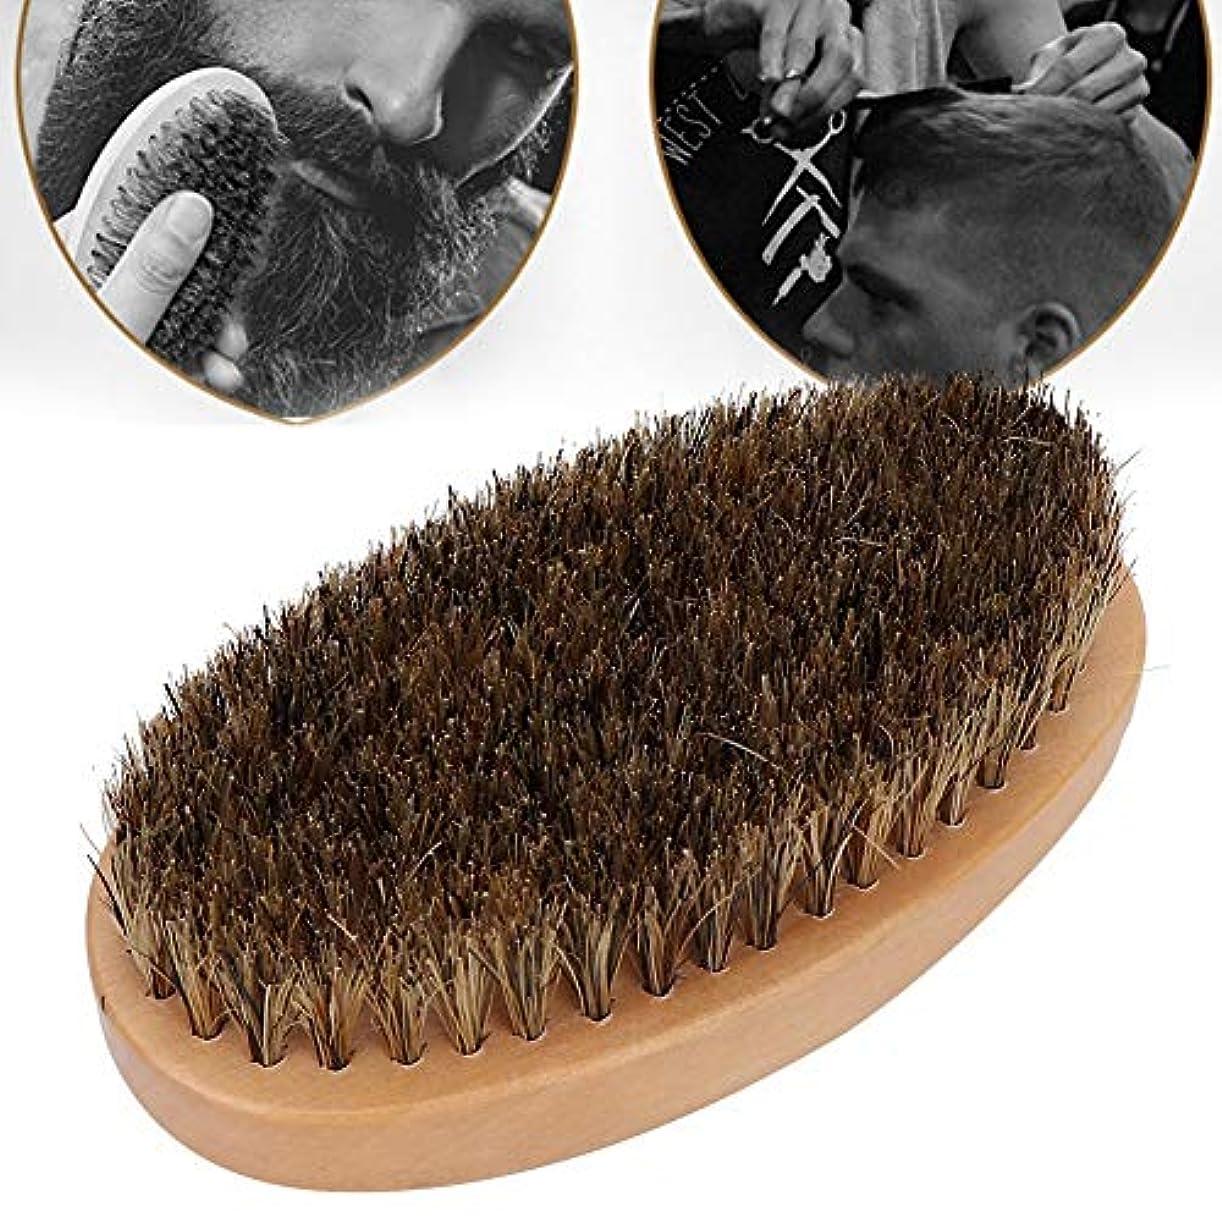 原油追い越すスケルトン男性用の壊れた髪の掃除ひげブラシヘアコーム, 男性用のプロの壊れた髪抜本的なひげブラシヘアコーム理髪くし